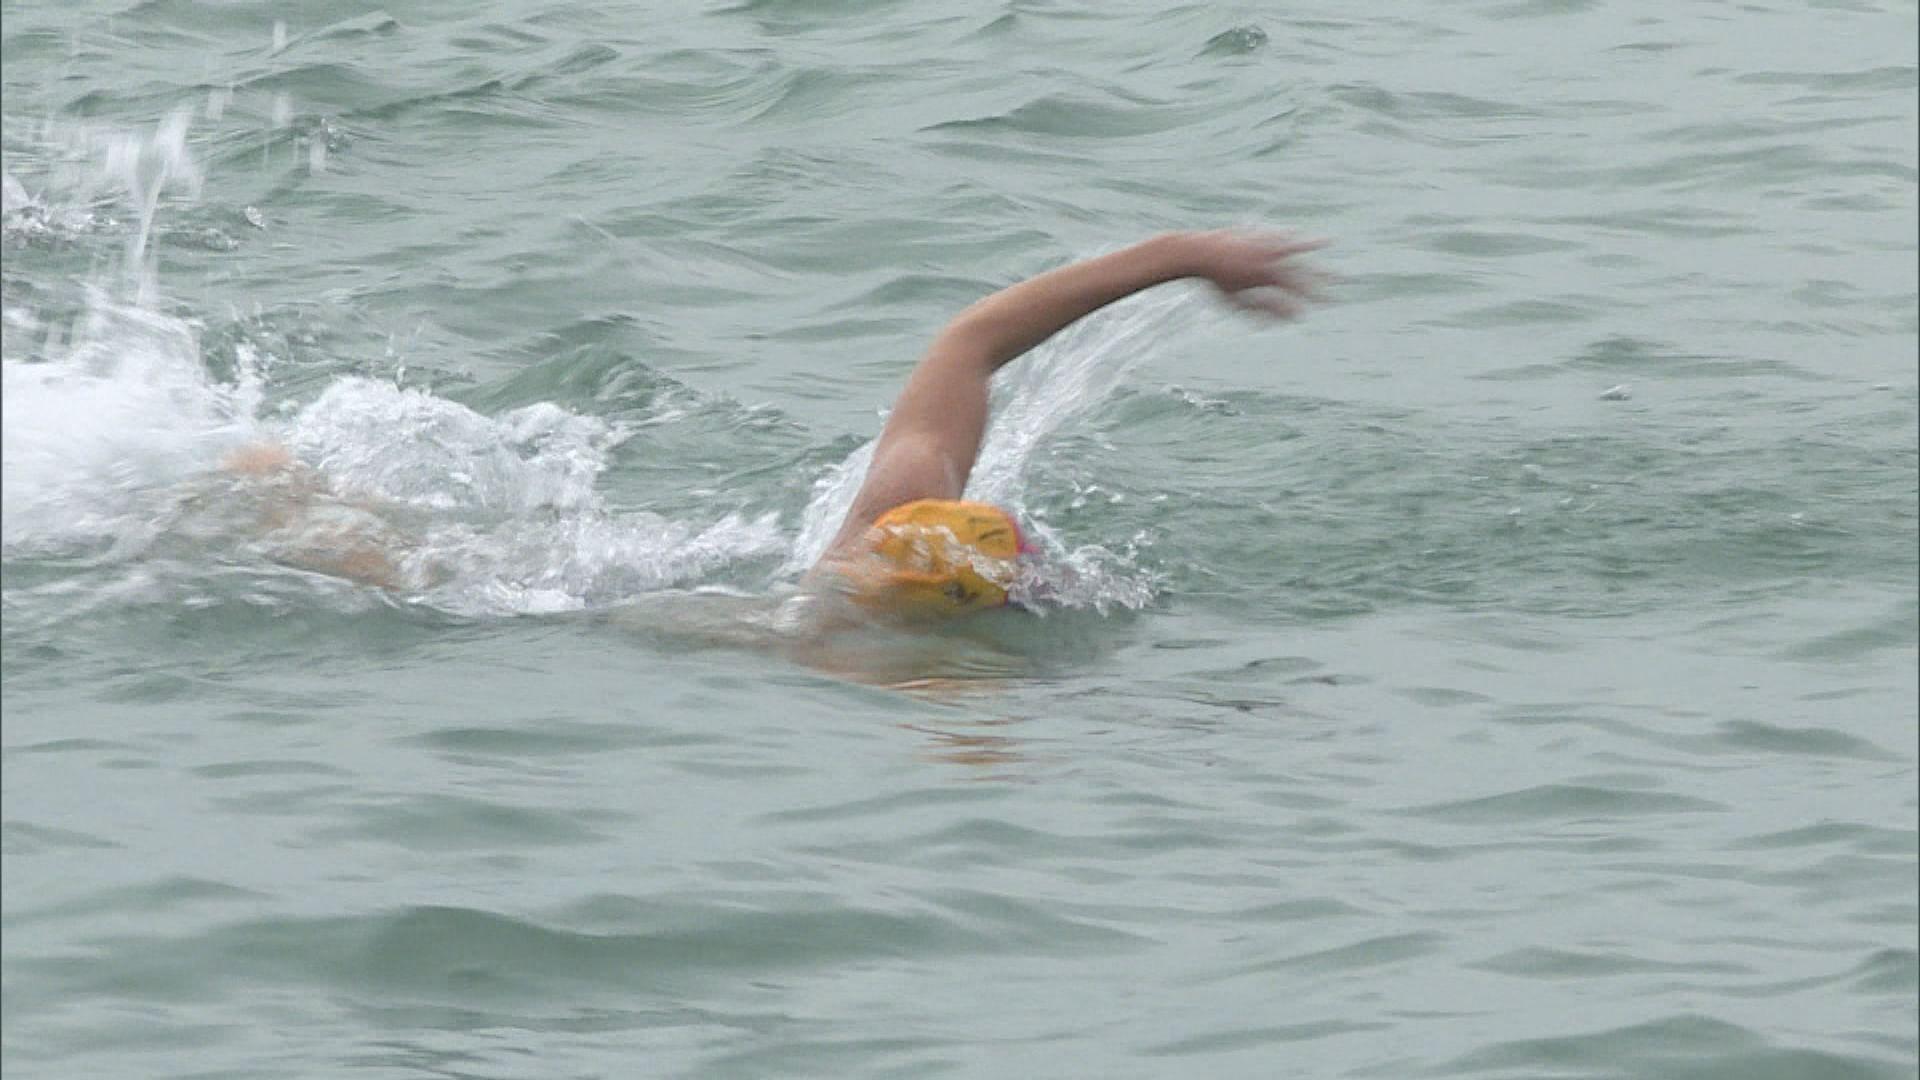 元旦冬泳 逾千人參加元旦冬泳